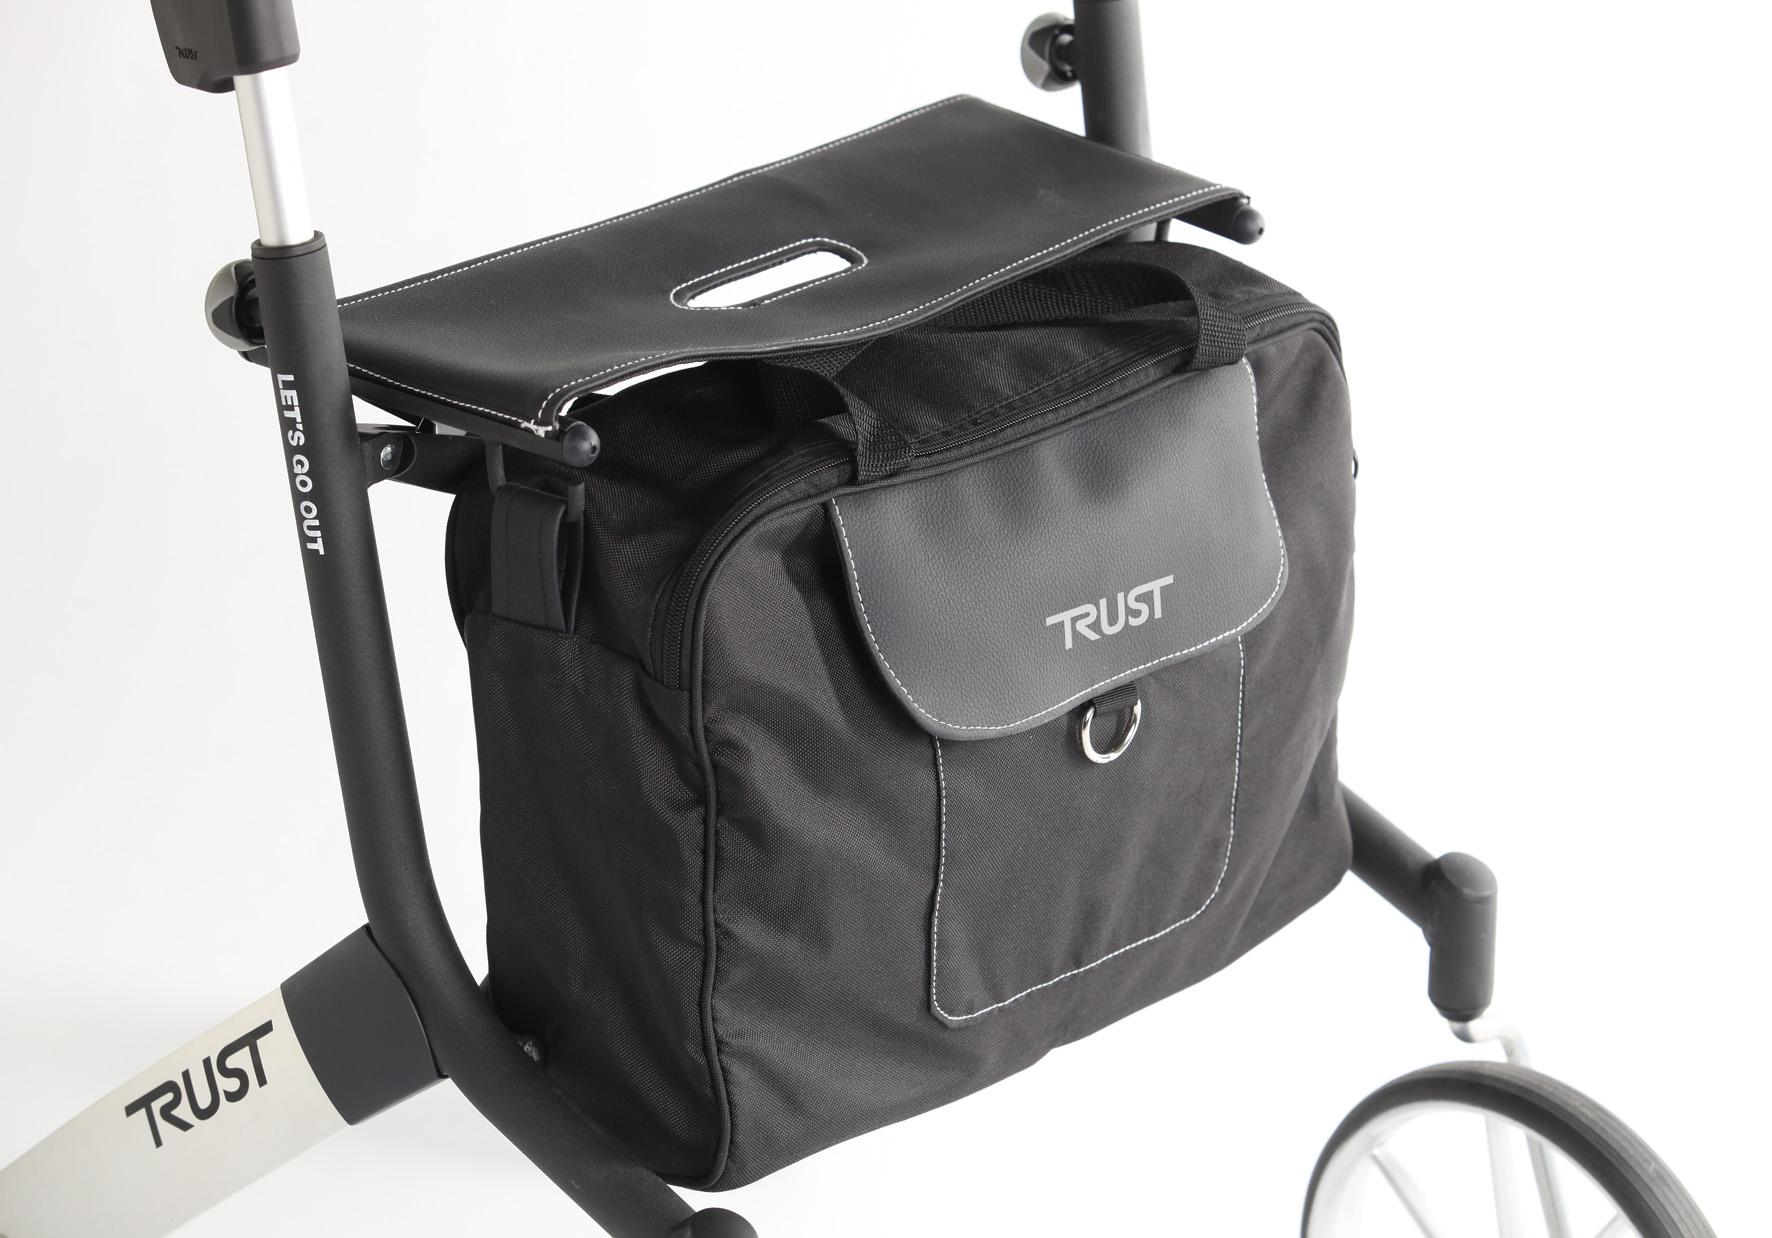 Trust – taske til Lets Go Out – pris 280.00